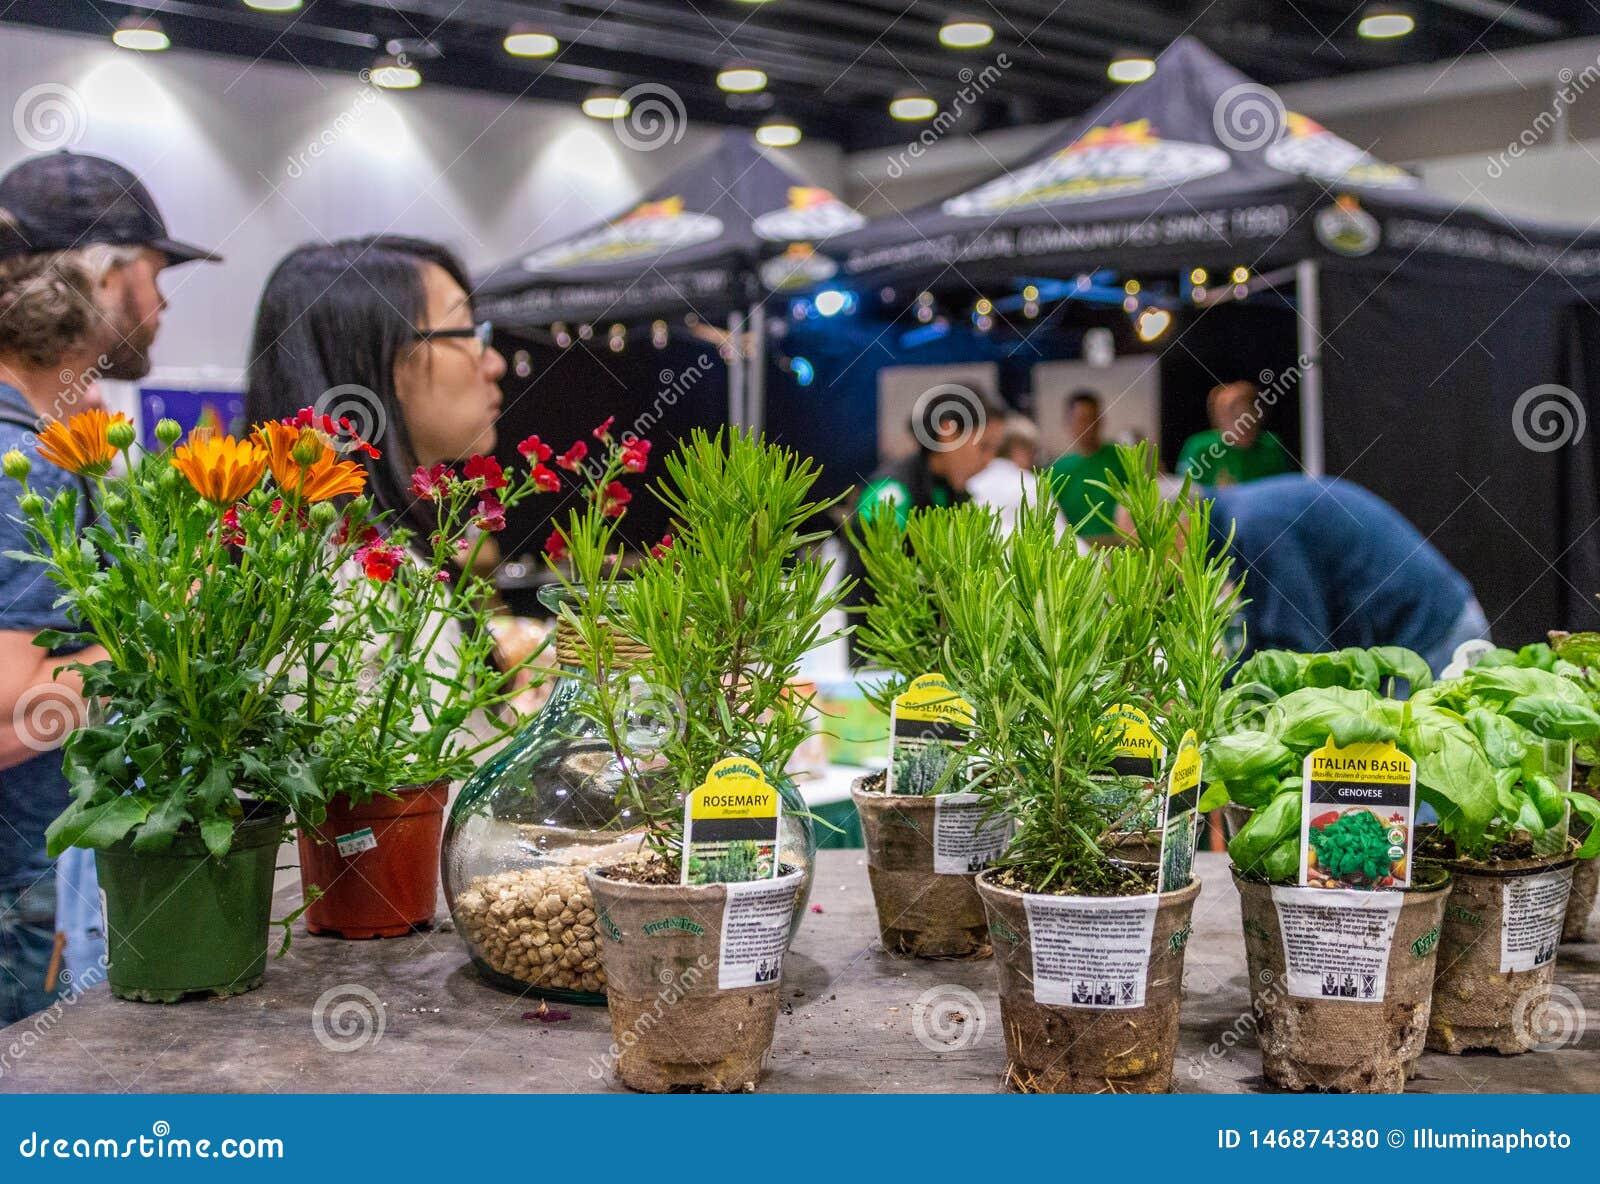 Vancouver, Columbia Británica, - 5 de mayo de 2019: Hierbas en potes abonablees en VegExpo, centro de conferencia de Vancouver